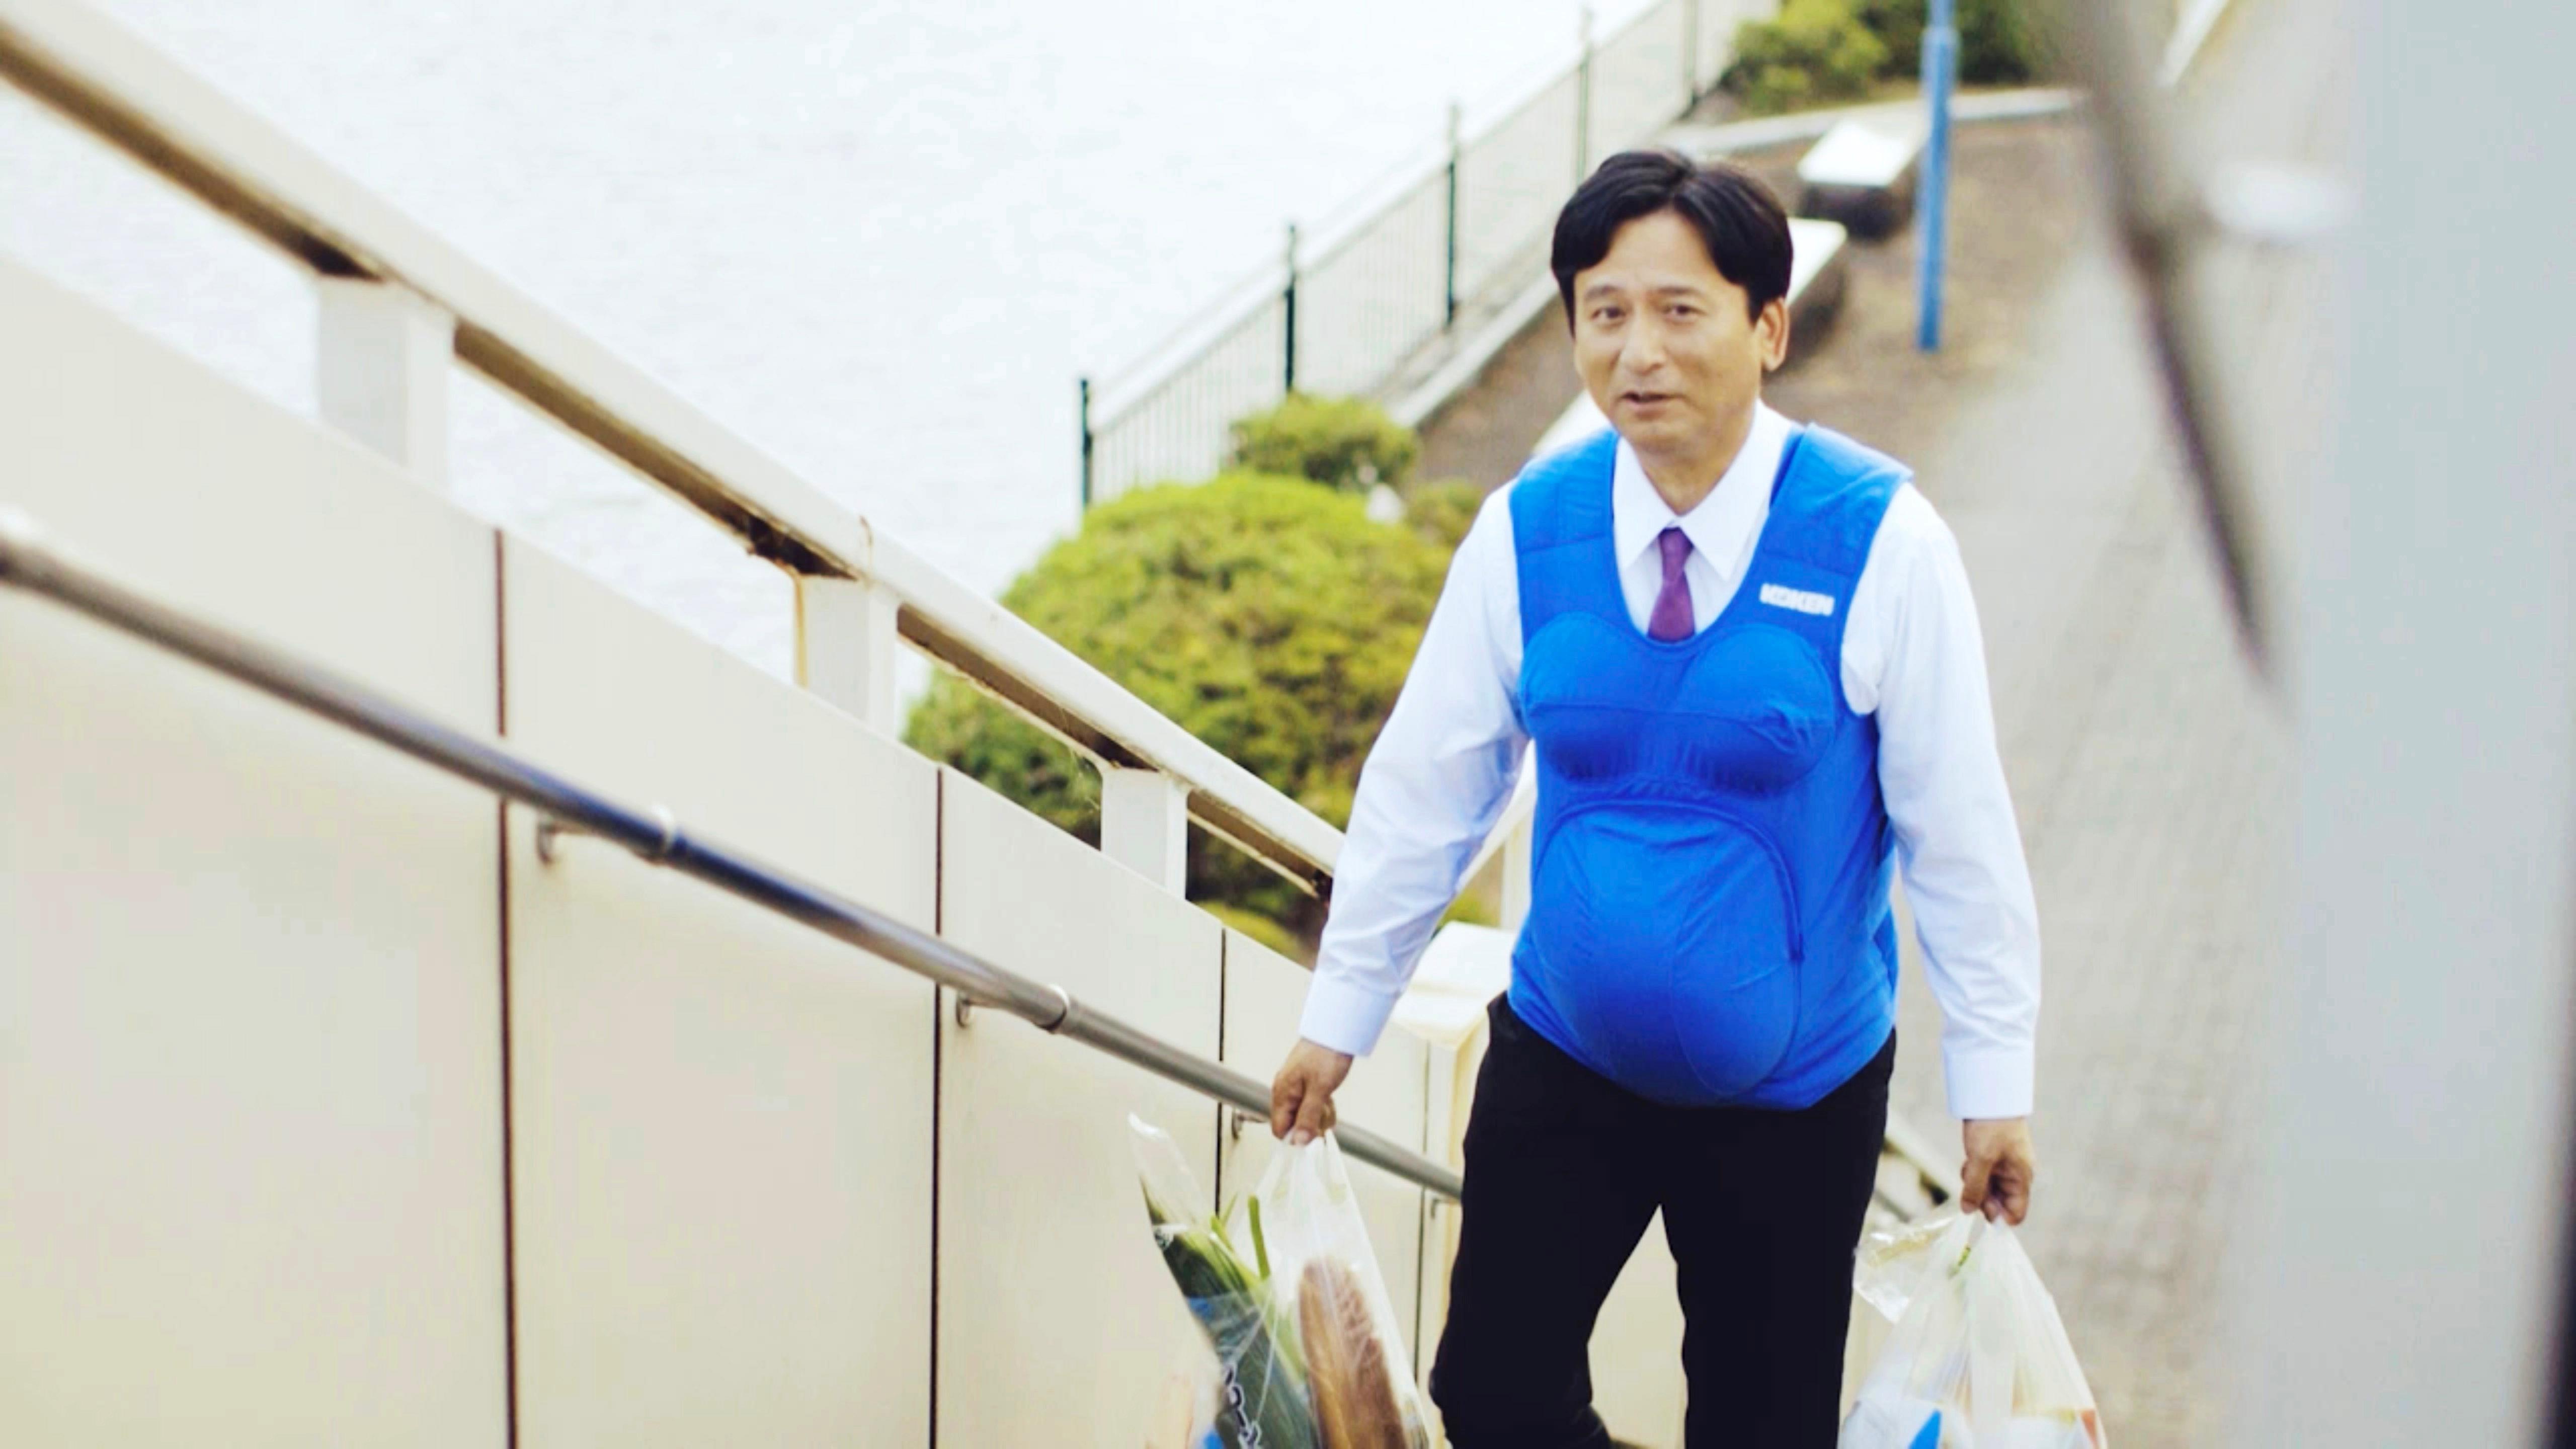 Sáng kiến đàn ông thử bụng chửa của quan chức Nhật Bản Ảnh 1